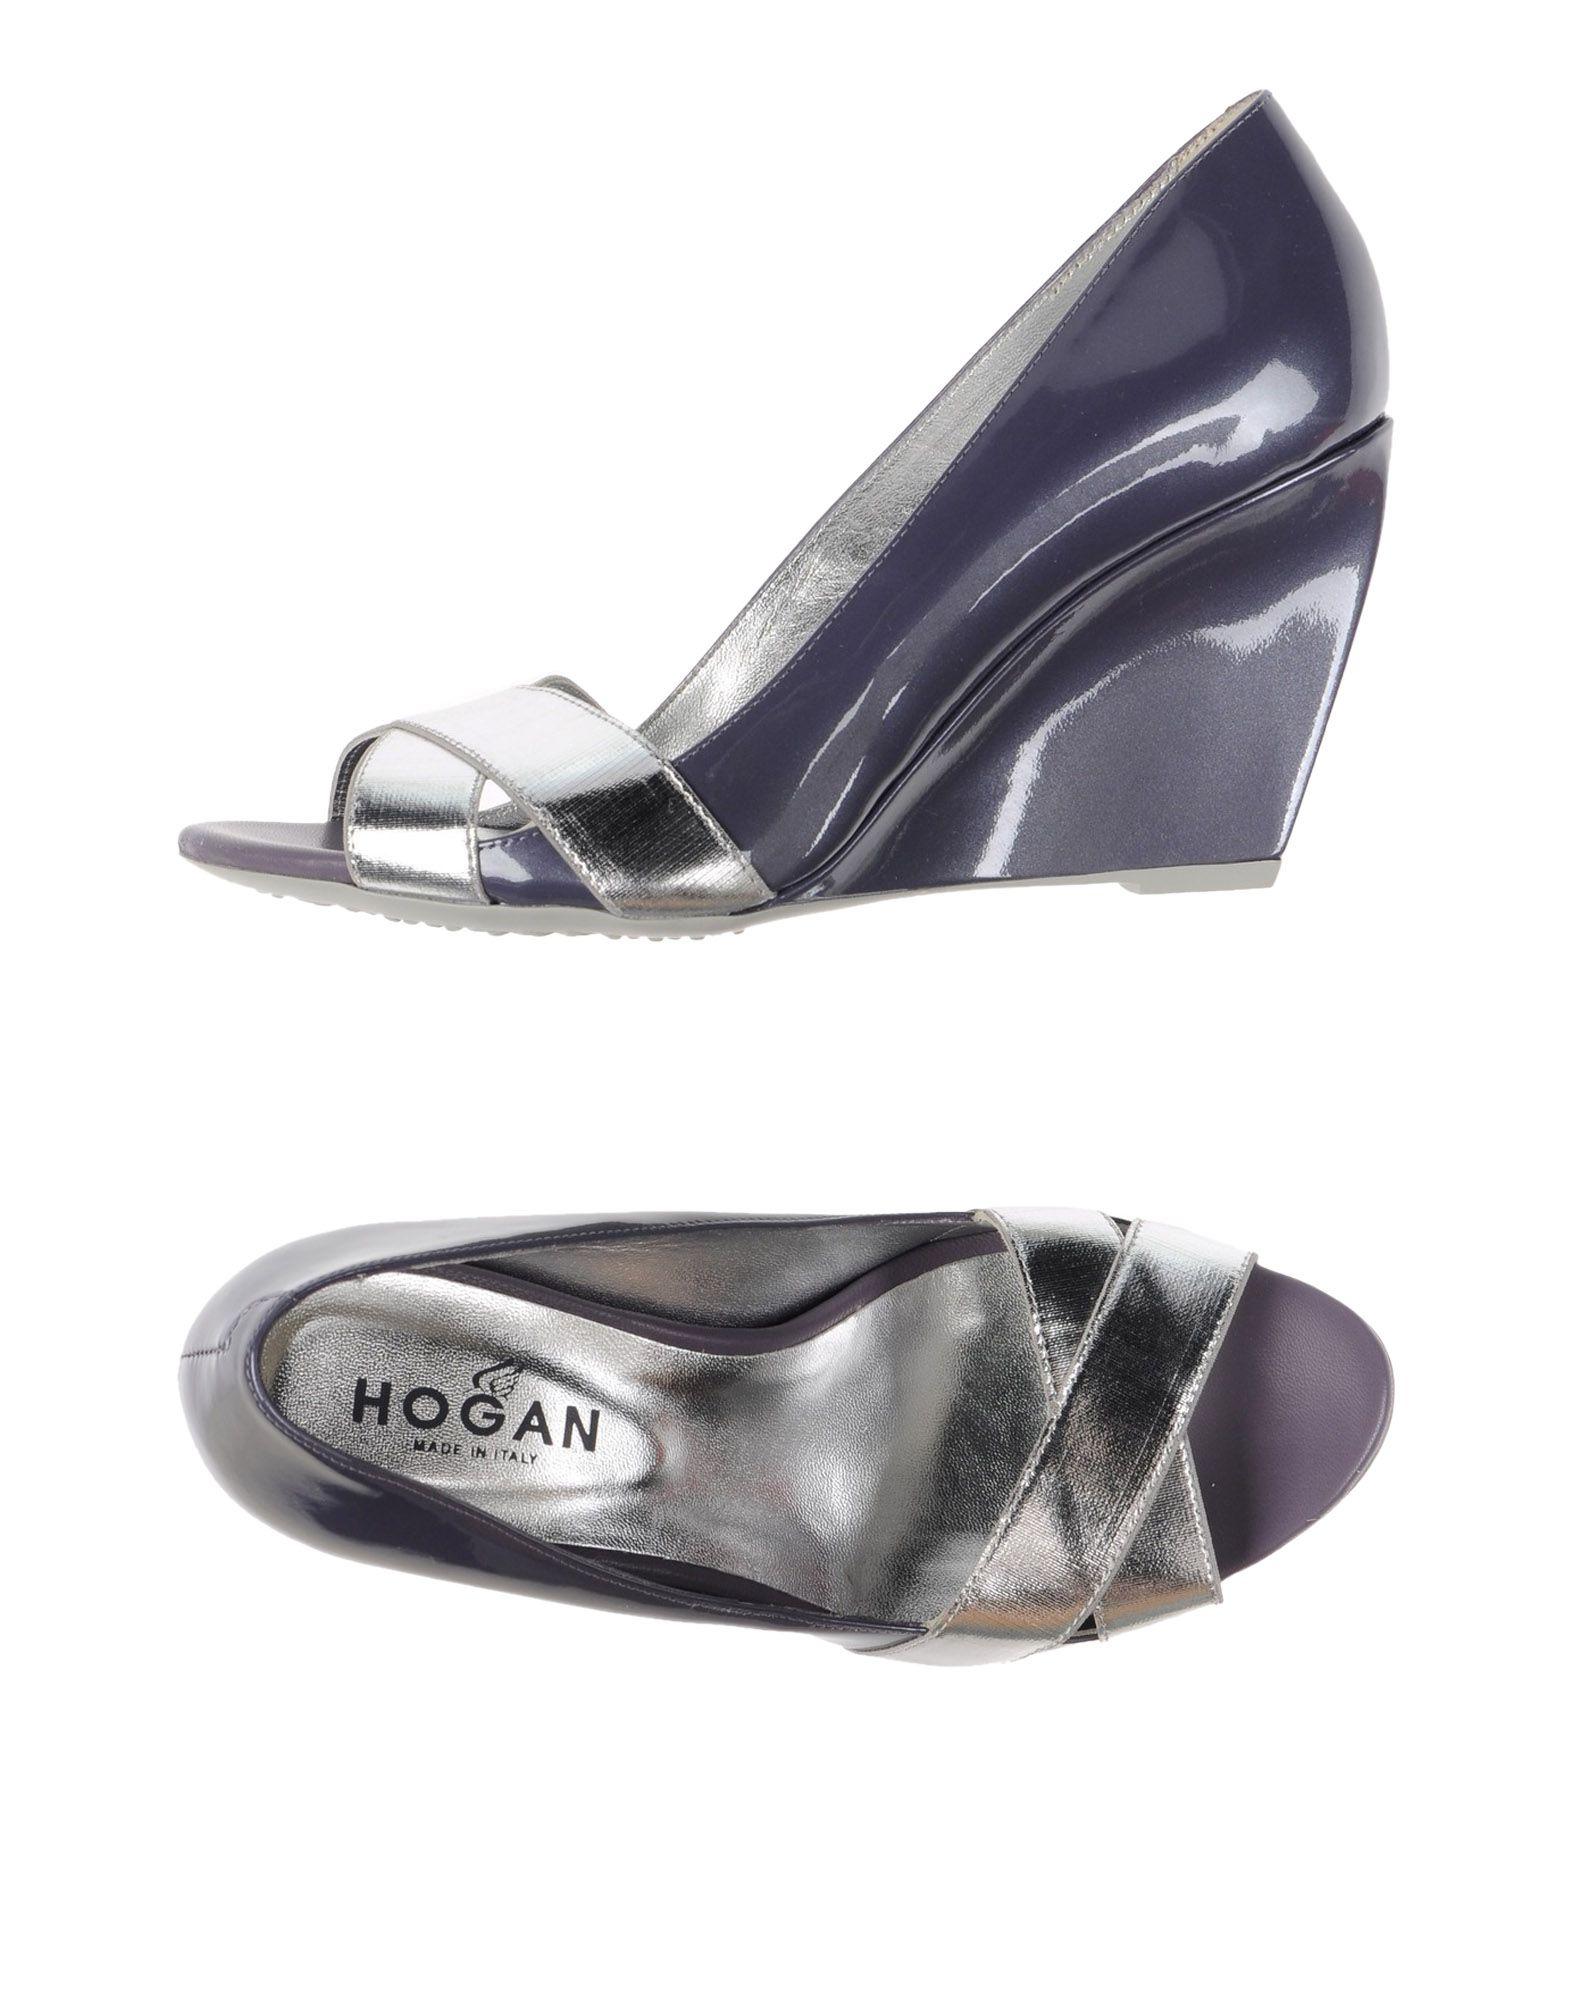 Moda Décolleté Hogan Donna - 11159047RI